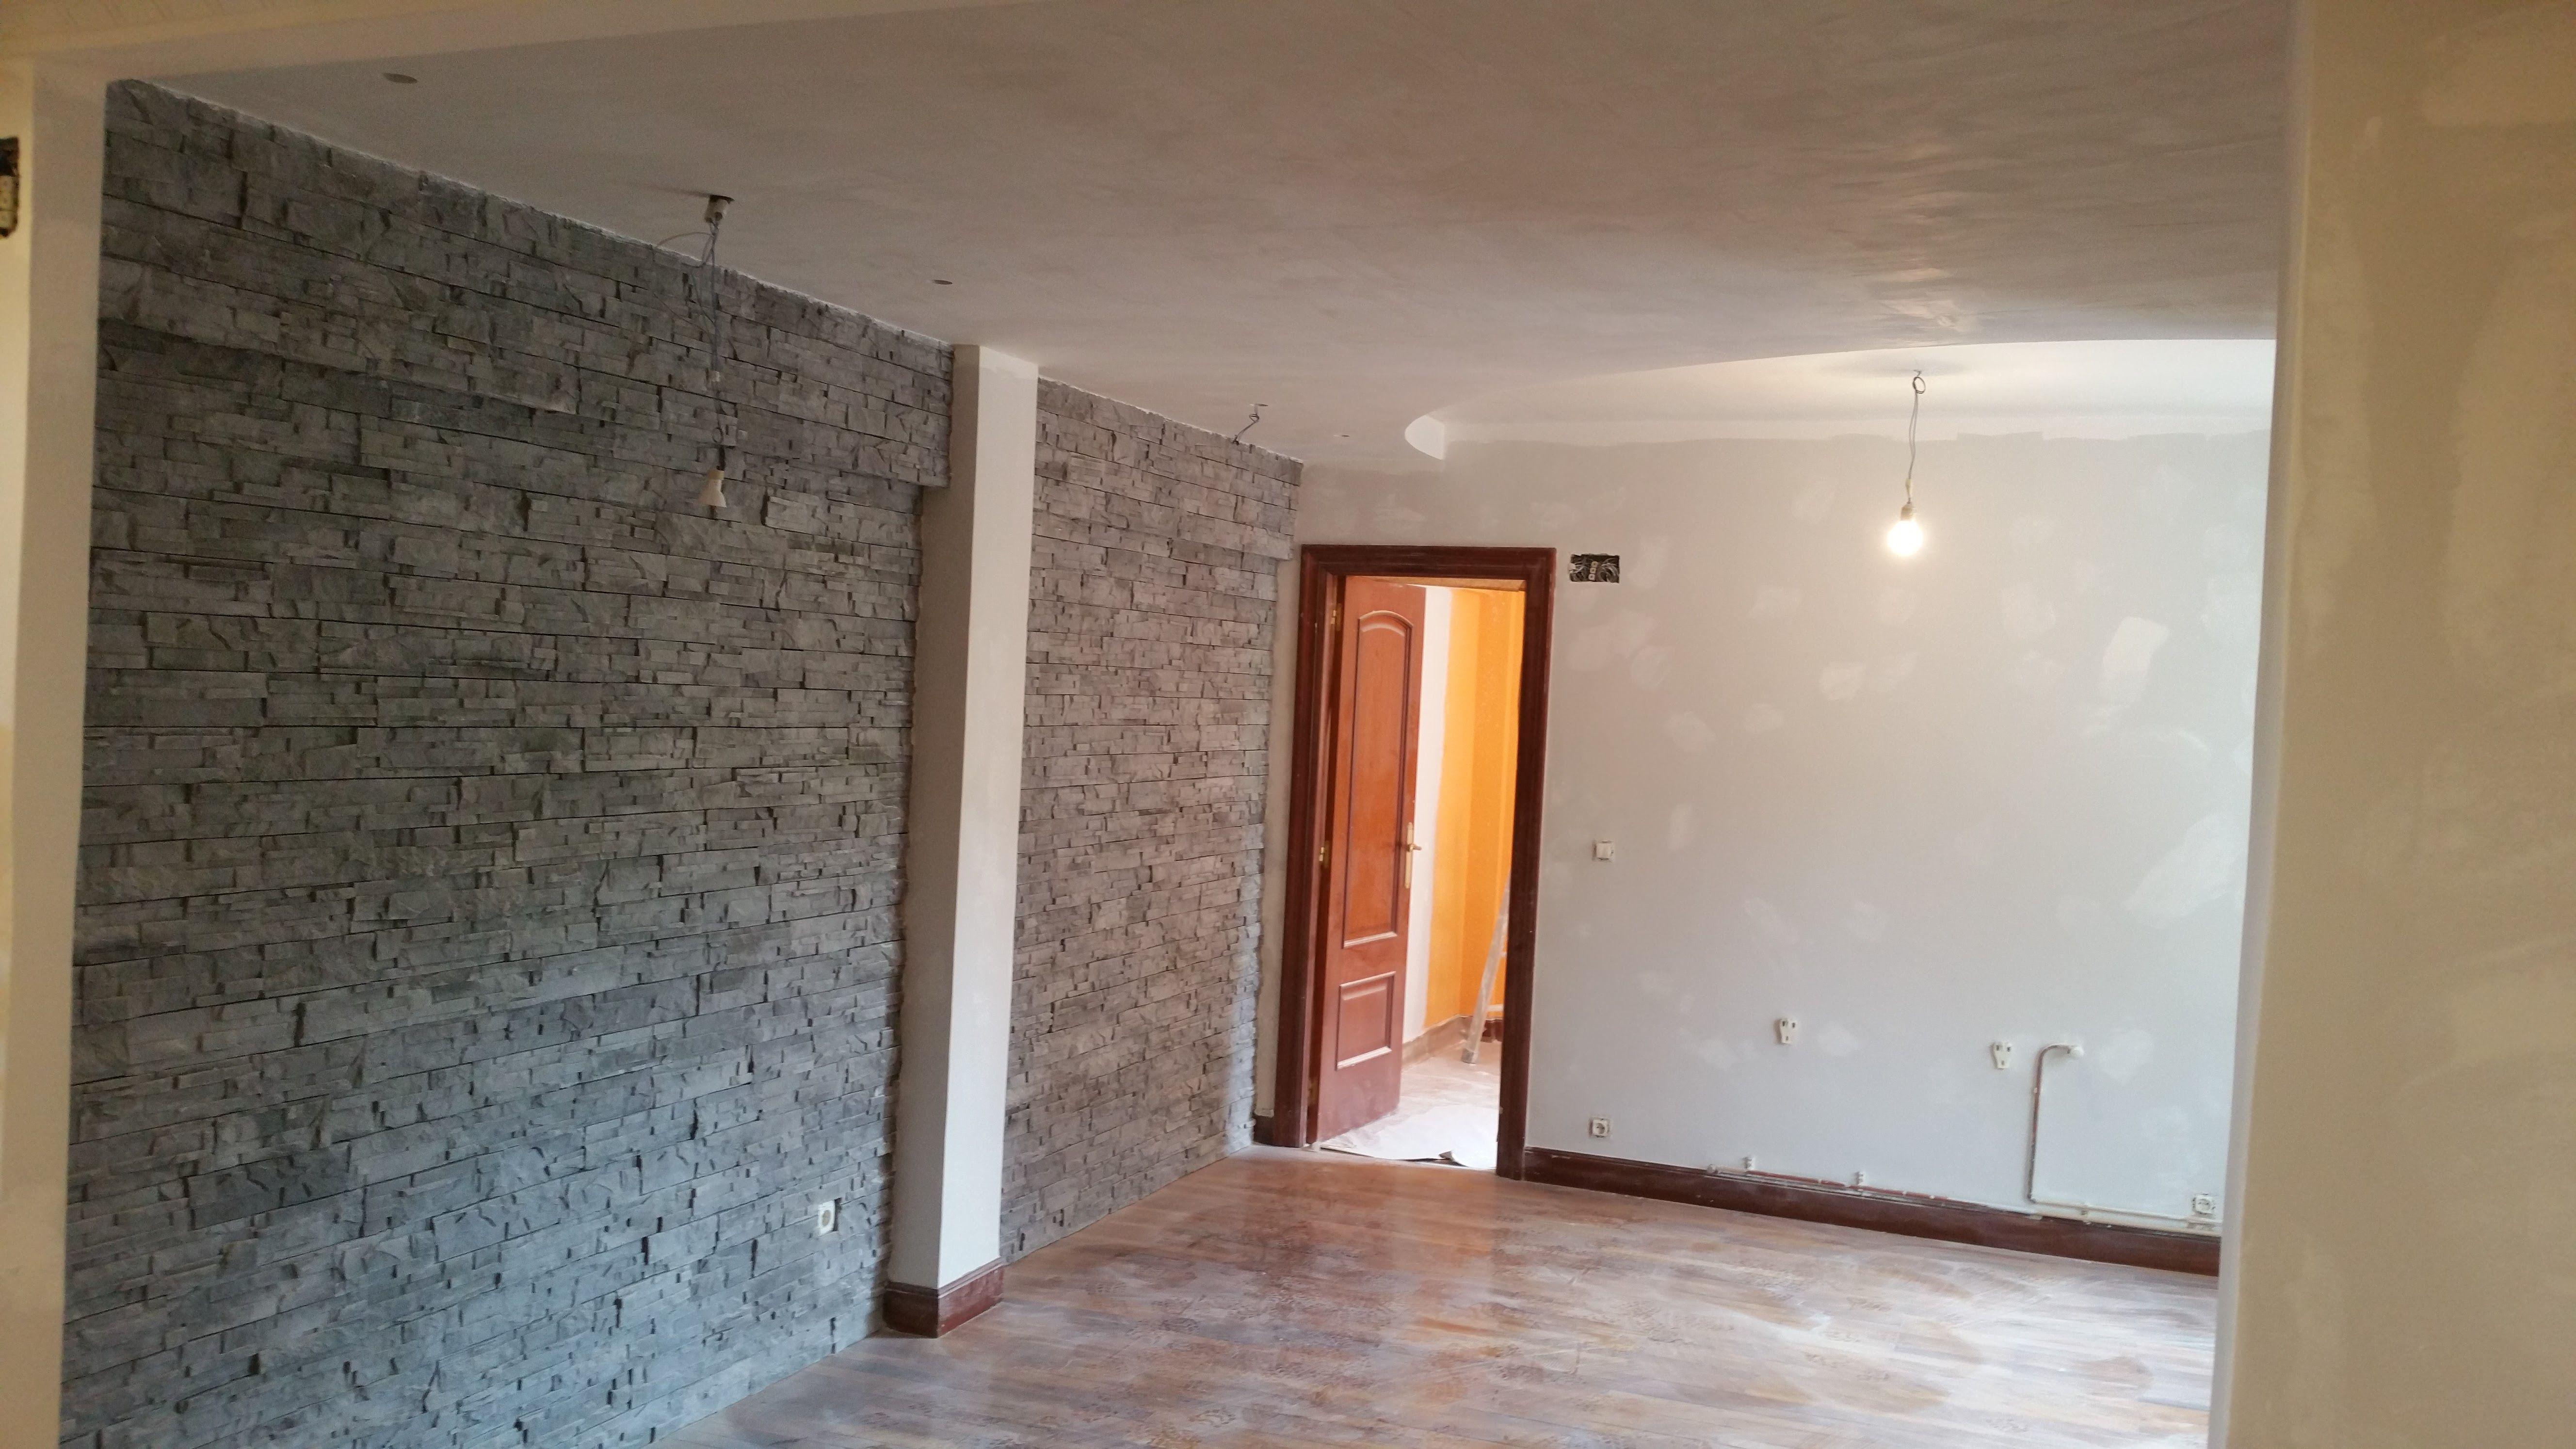 Reformas integrales de viviendas en Basauri